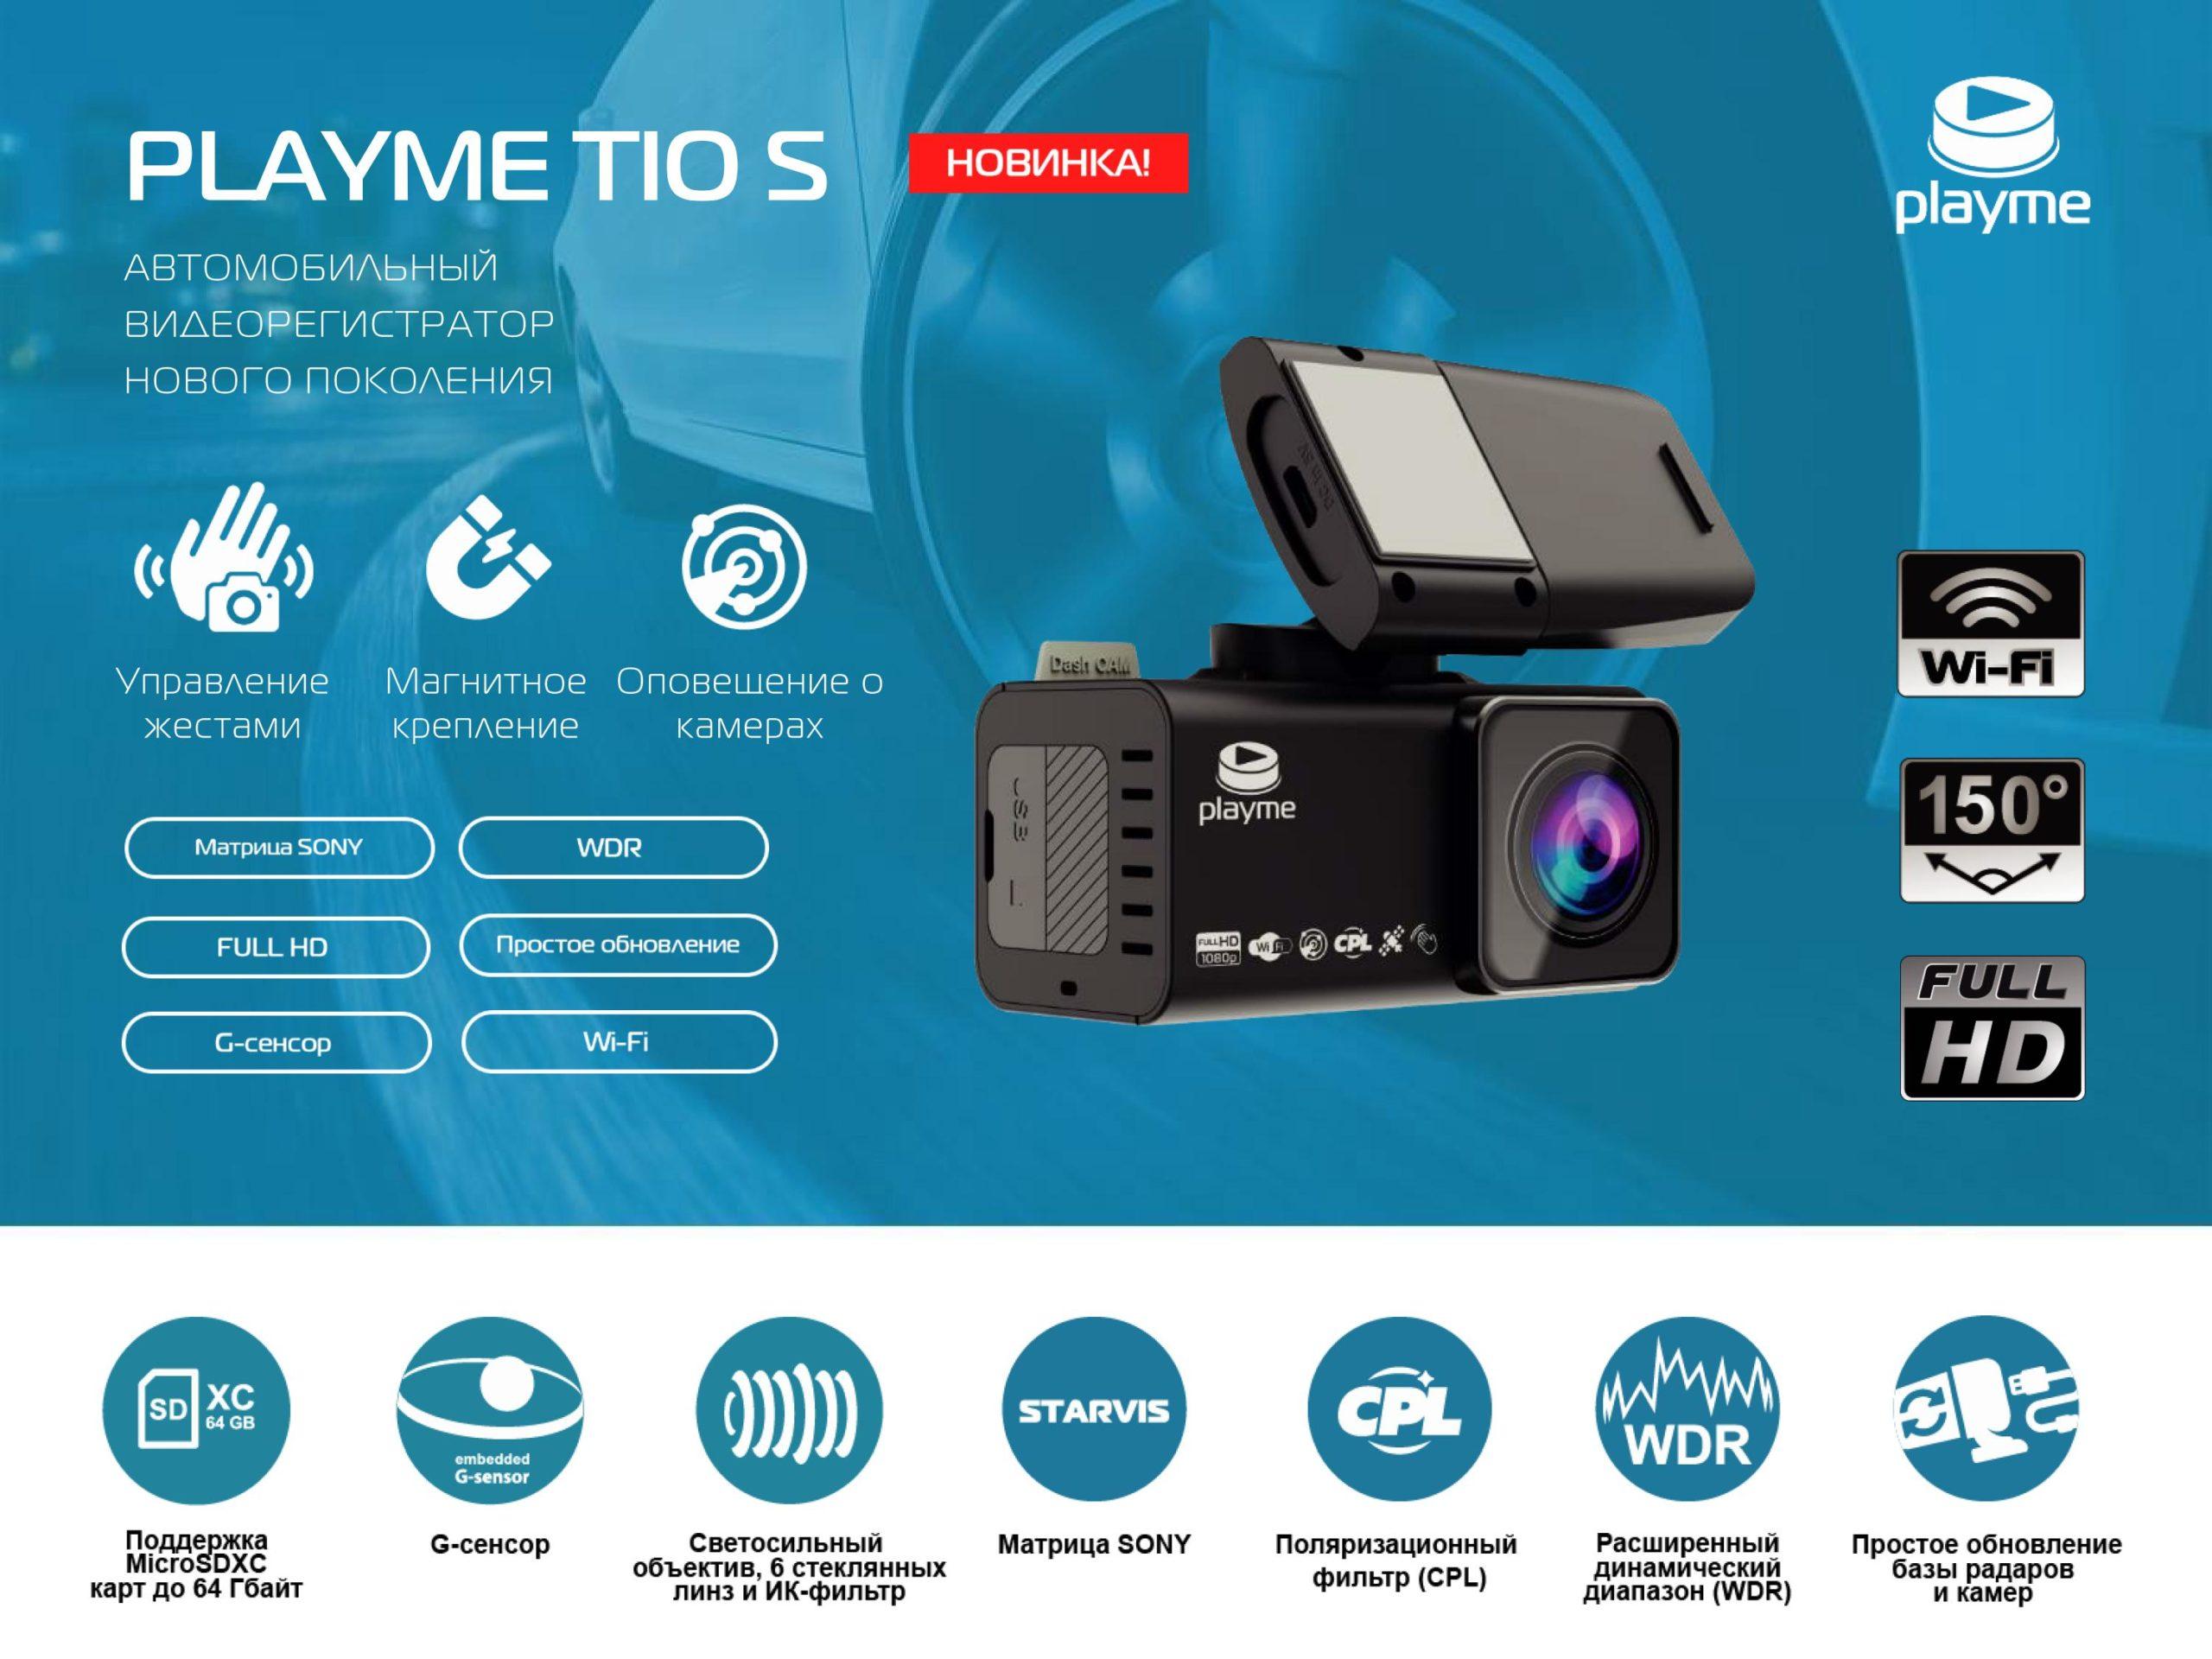 09468033 9fff 43f3 bbfd d9e93ea163fe scaled VideoregObzor Новый видеорегистратор Playme TIO S доступен к заказу